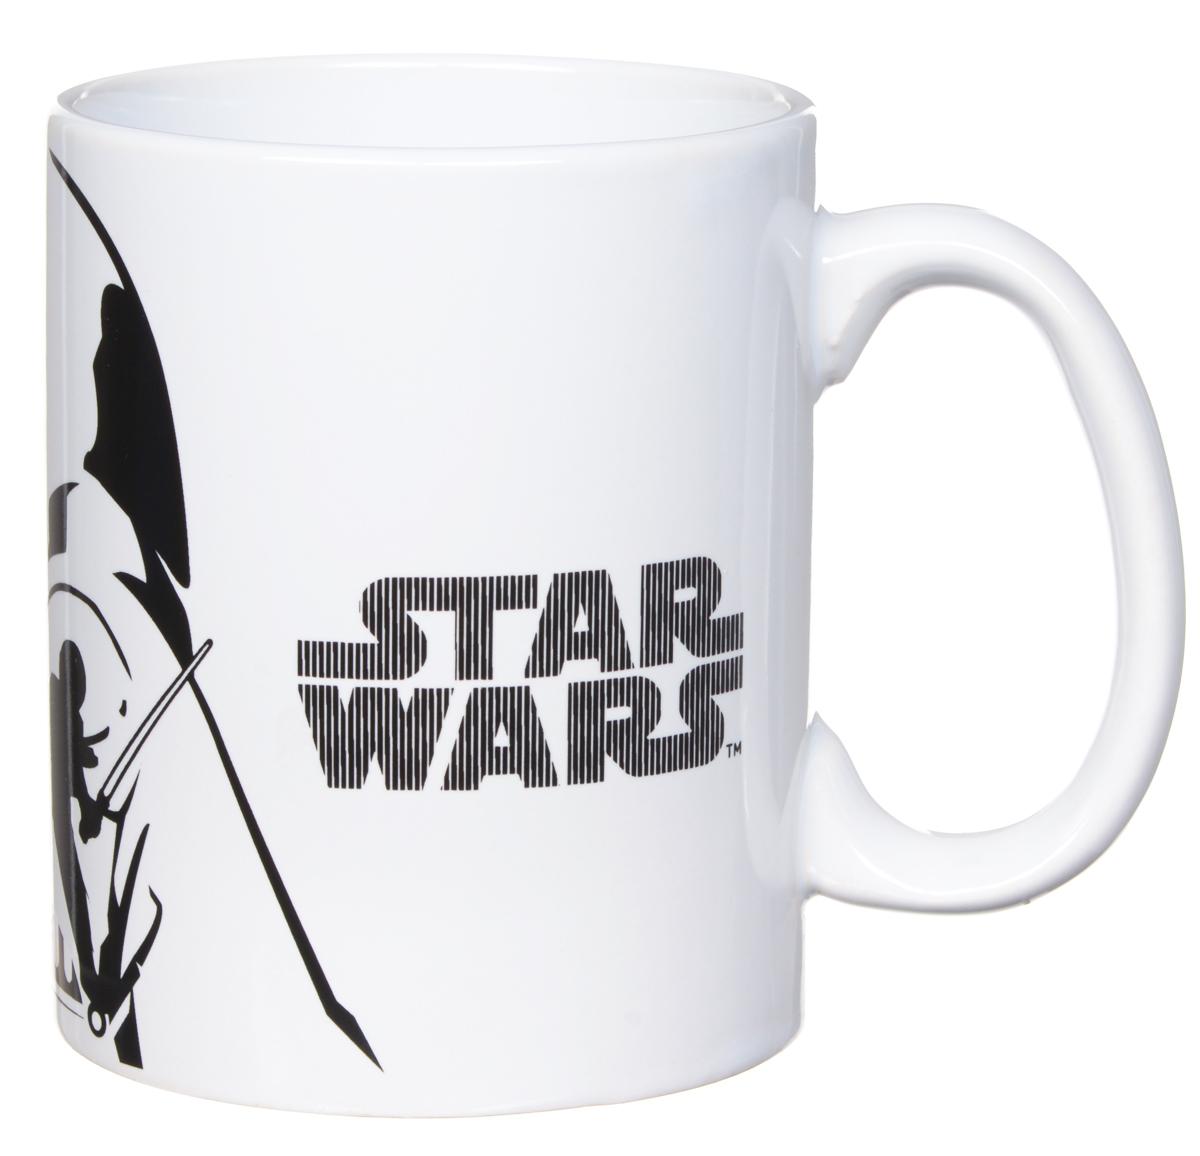 Star Wars Кружка детская Белое и черное 500 млSWC01-21Детская кружка Star Wars Белое и черное станет отличным подарком для любого фаната знаменитой саги. Она выполнена из керамики и оформлена рисунком со стилизованным изображением Дарта Вейдера. Большая ручка обеспечит удобство использования.Объем кружки: 500 мл.Подходит для использования в посудомоечной машине и СВЧ-печи.